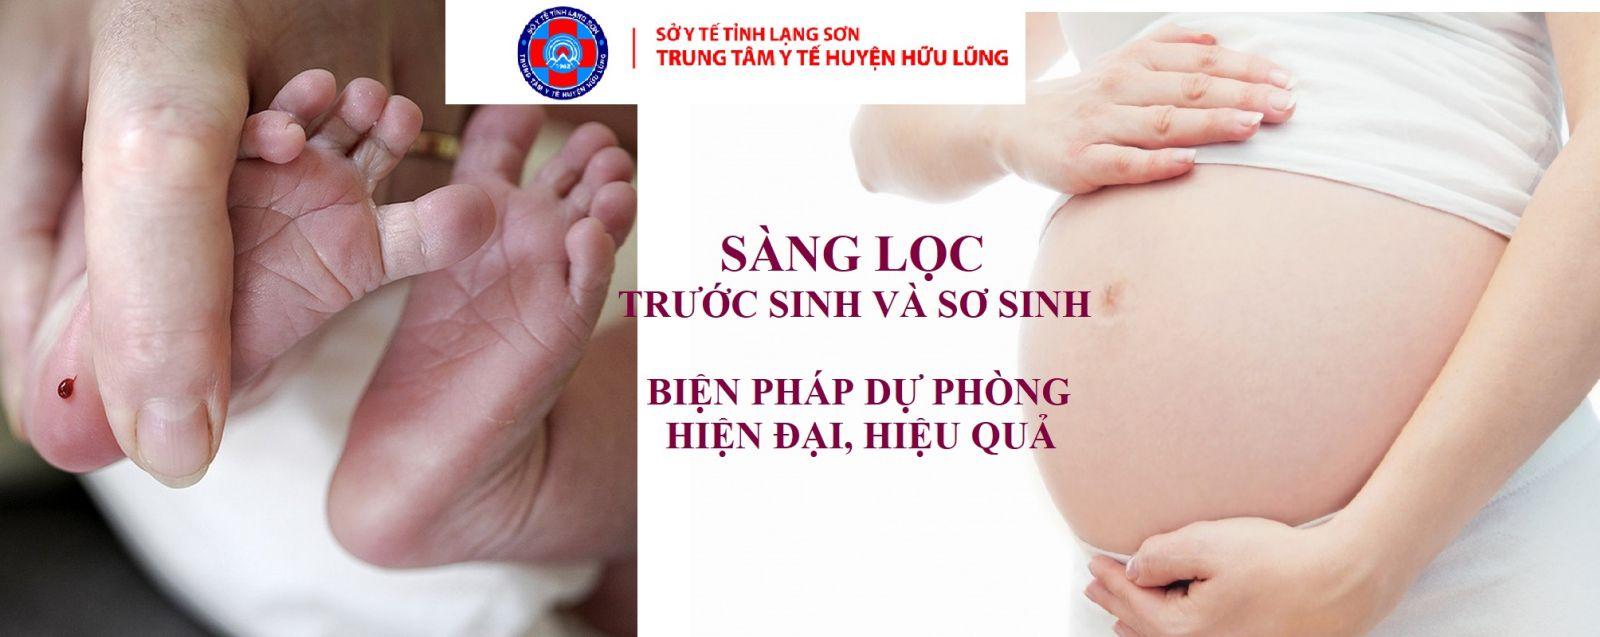 Tăng cường và nâng cao nhận thức cho người dân về khám sàng lọc trước sinh và sơ sinh